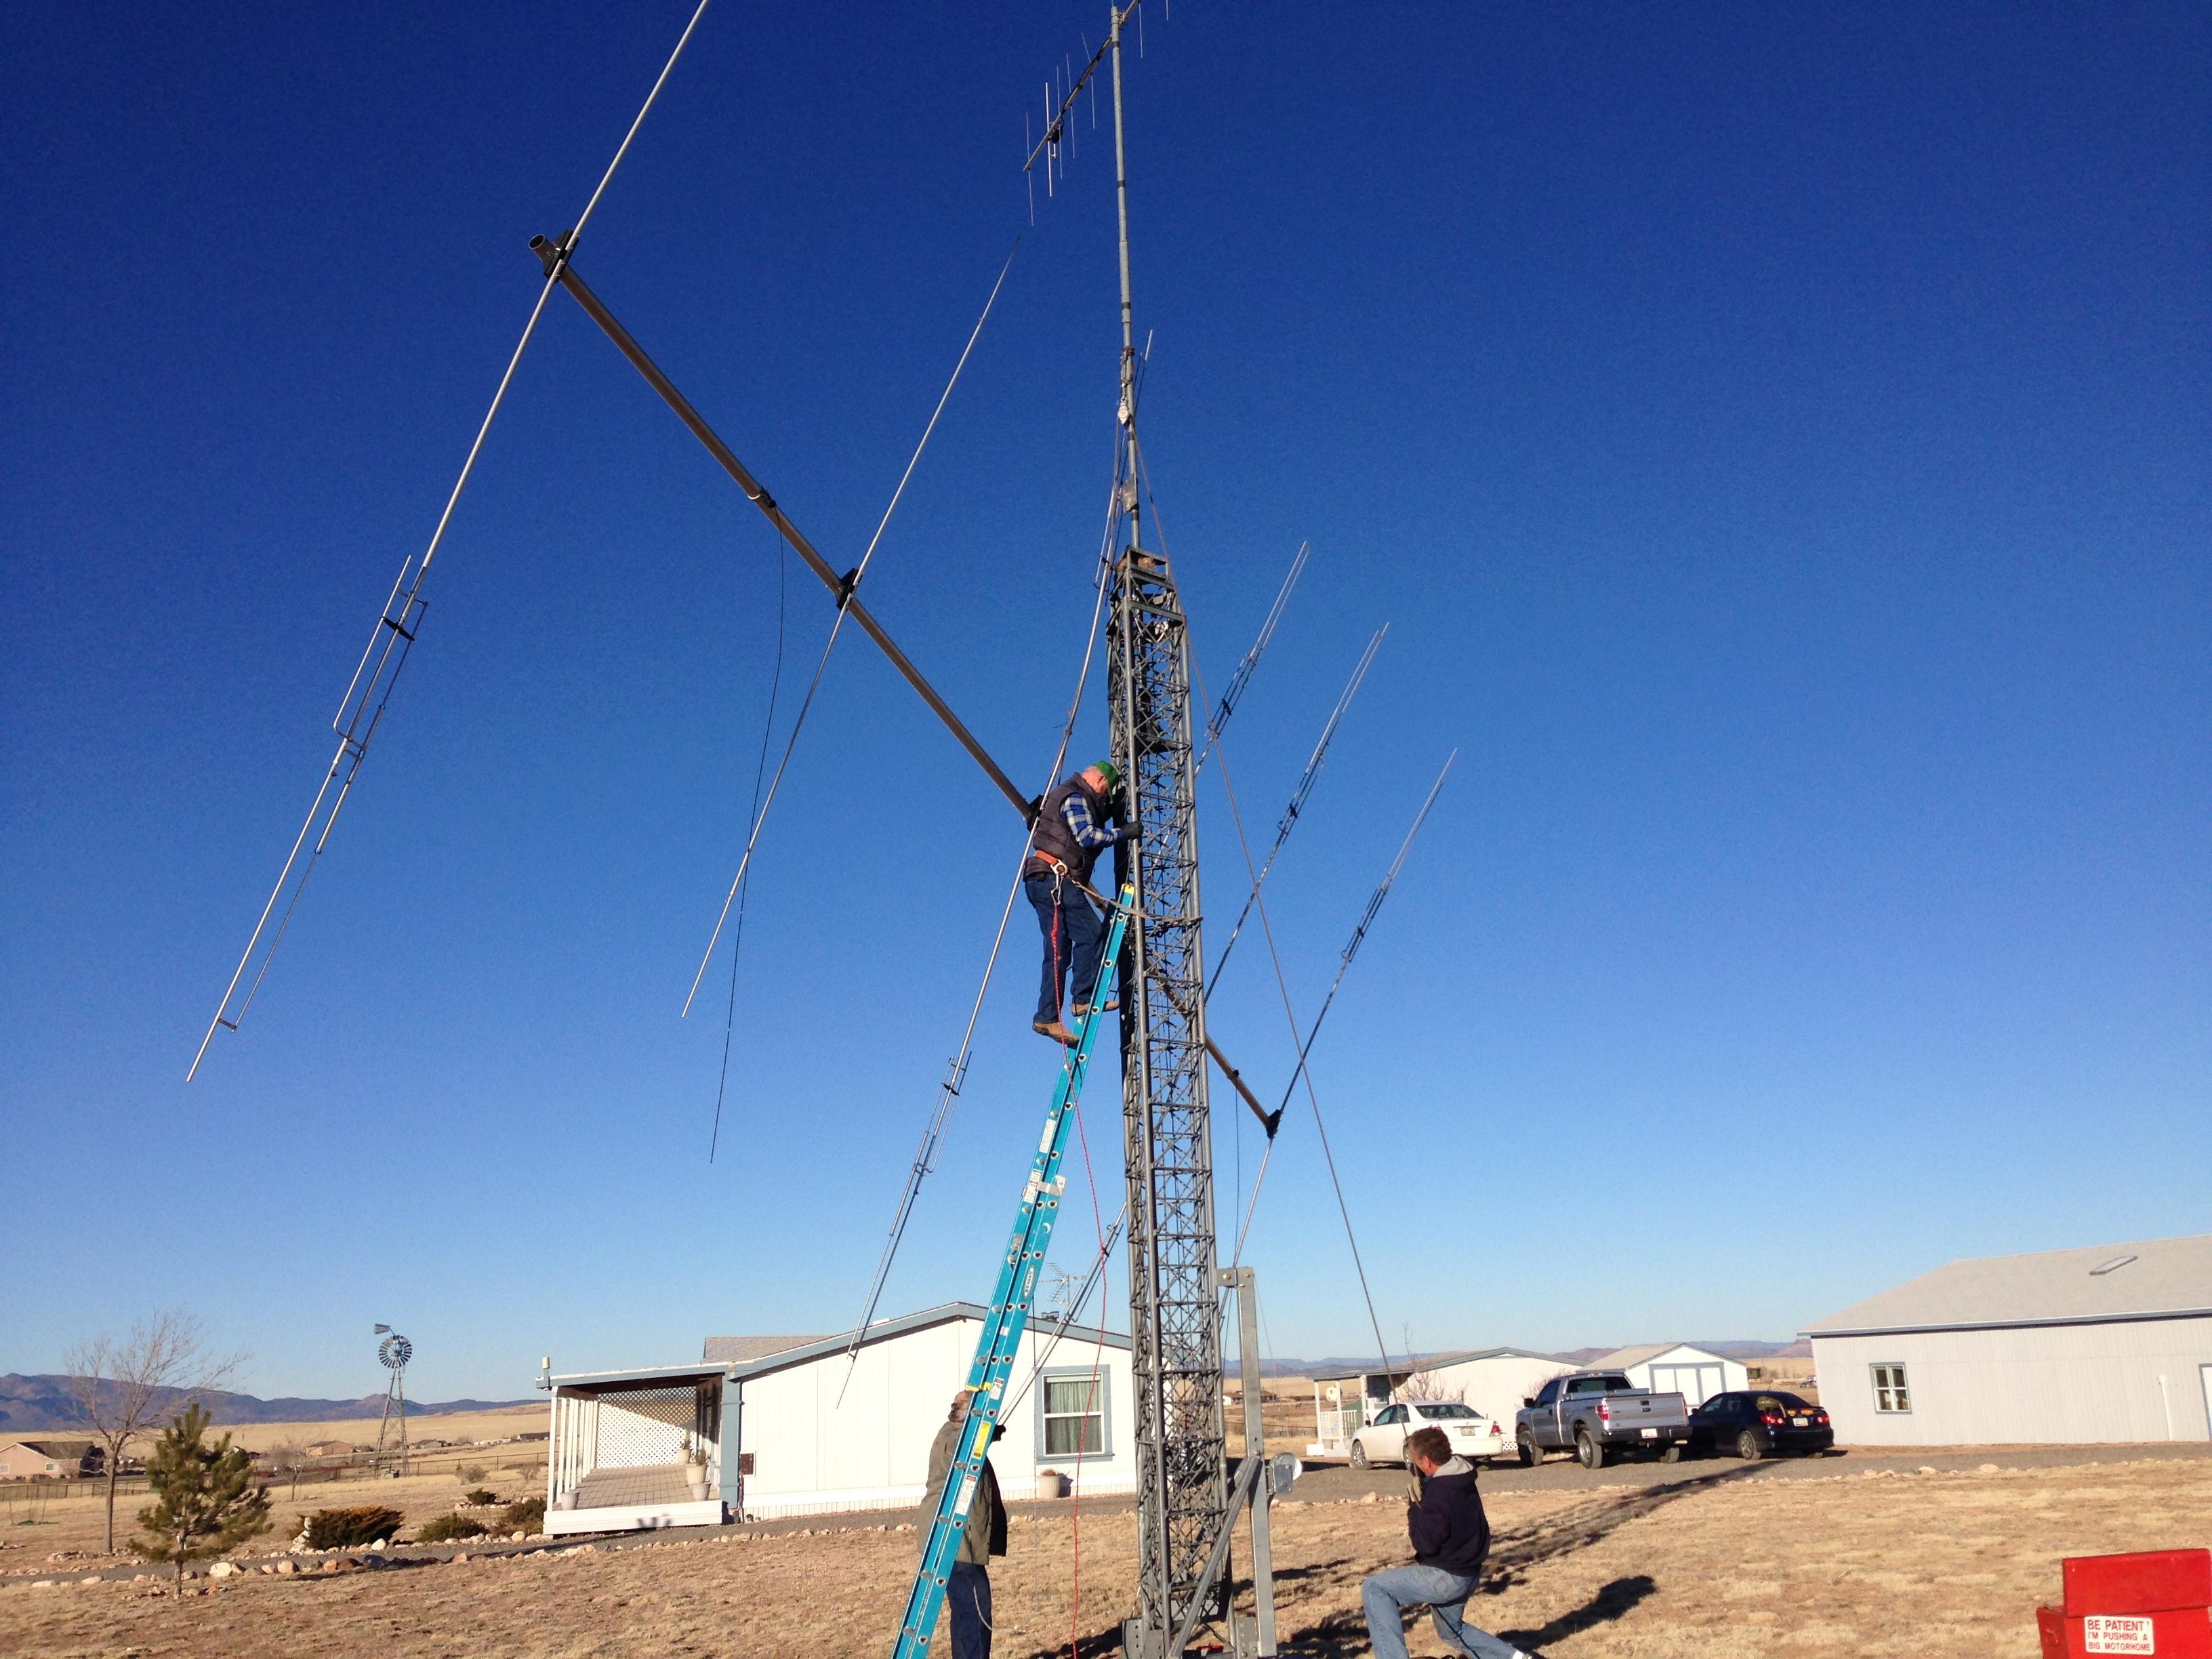 N7CW praying & K7SEN scrambling down the ladder